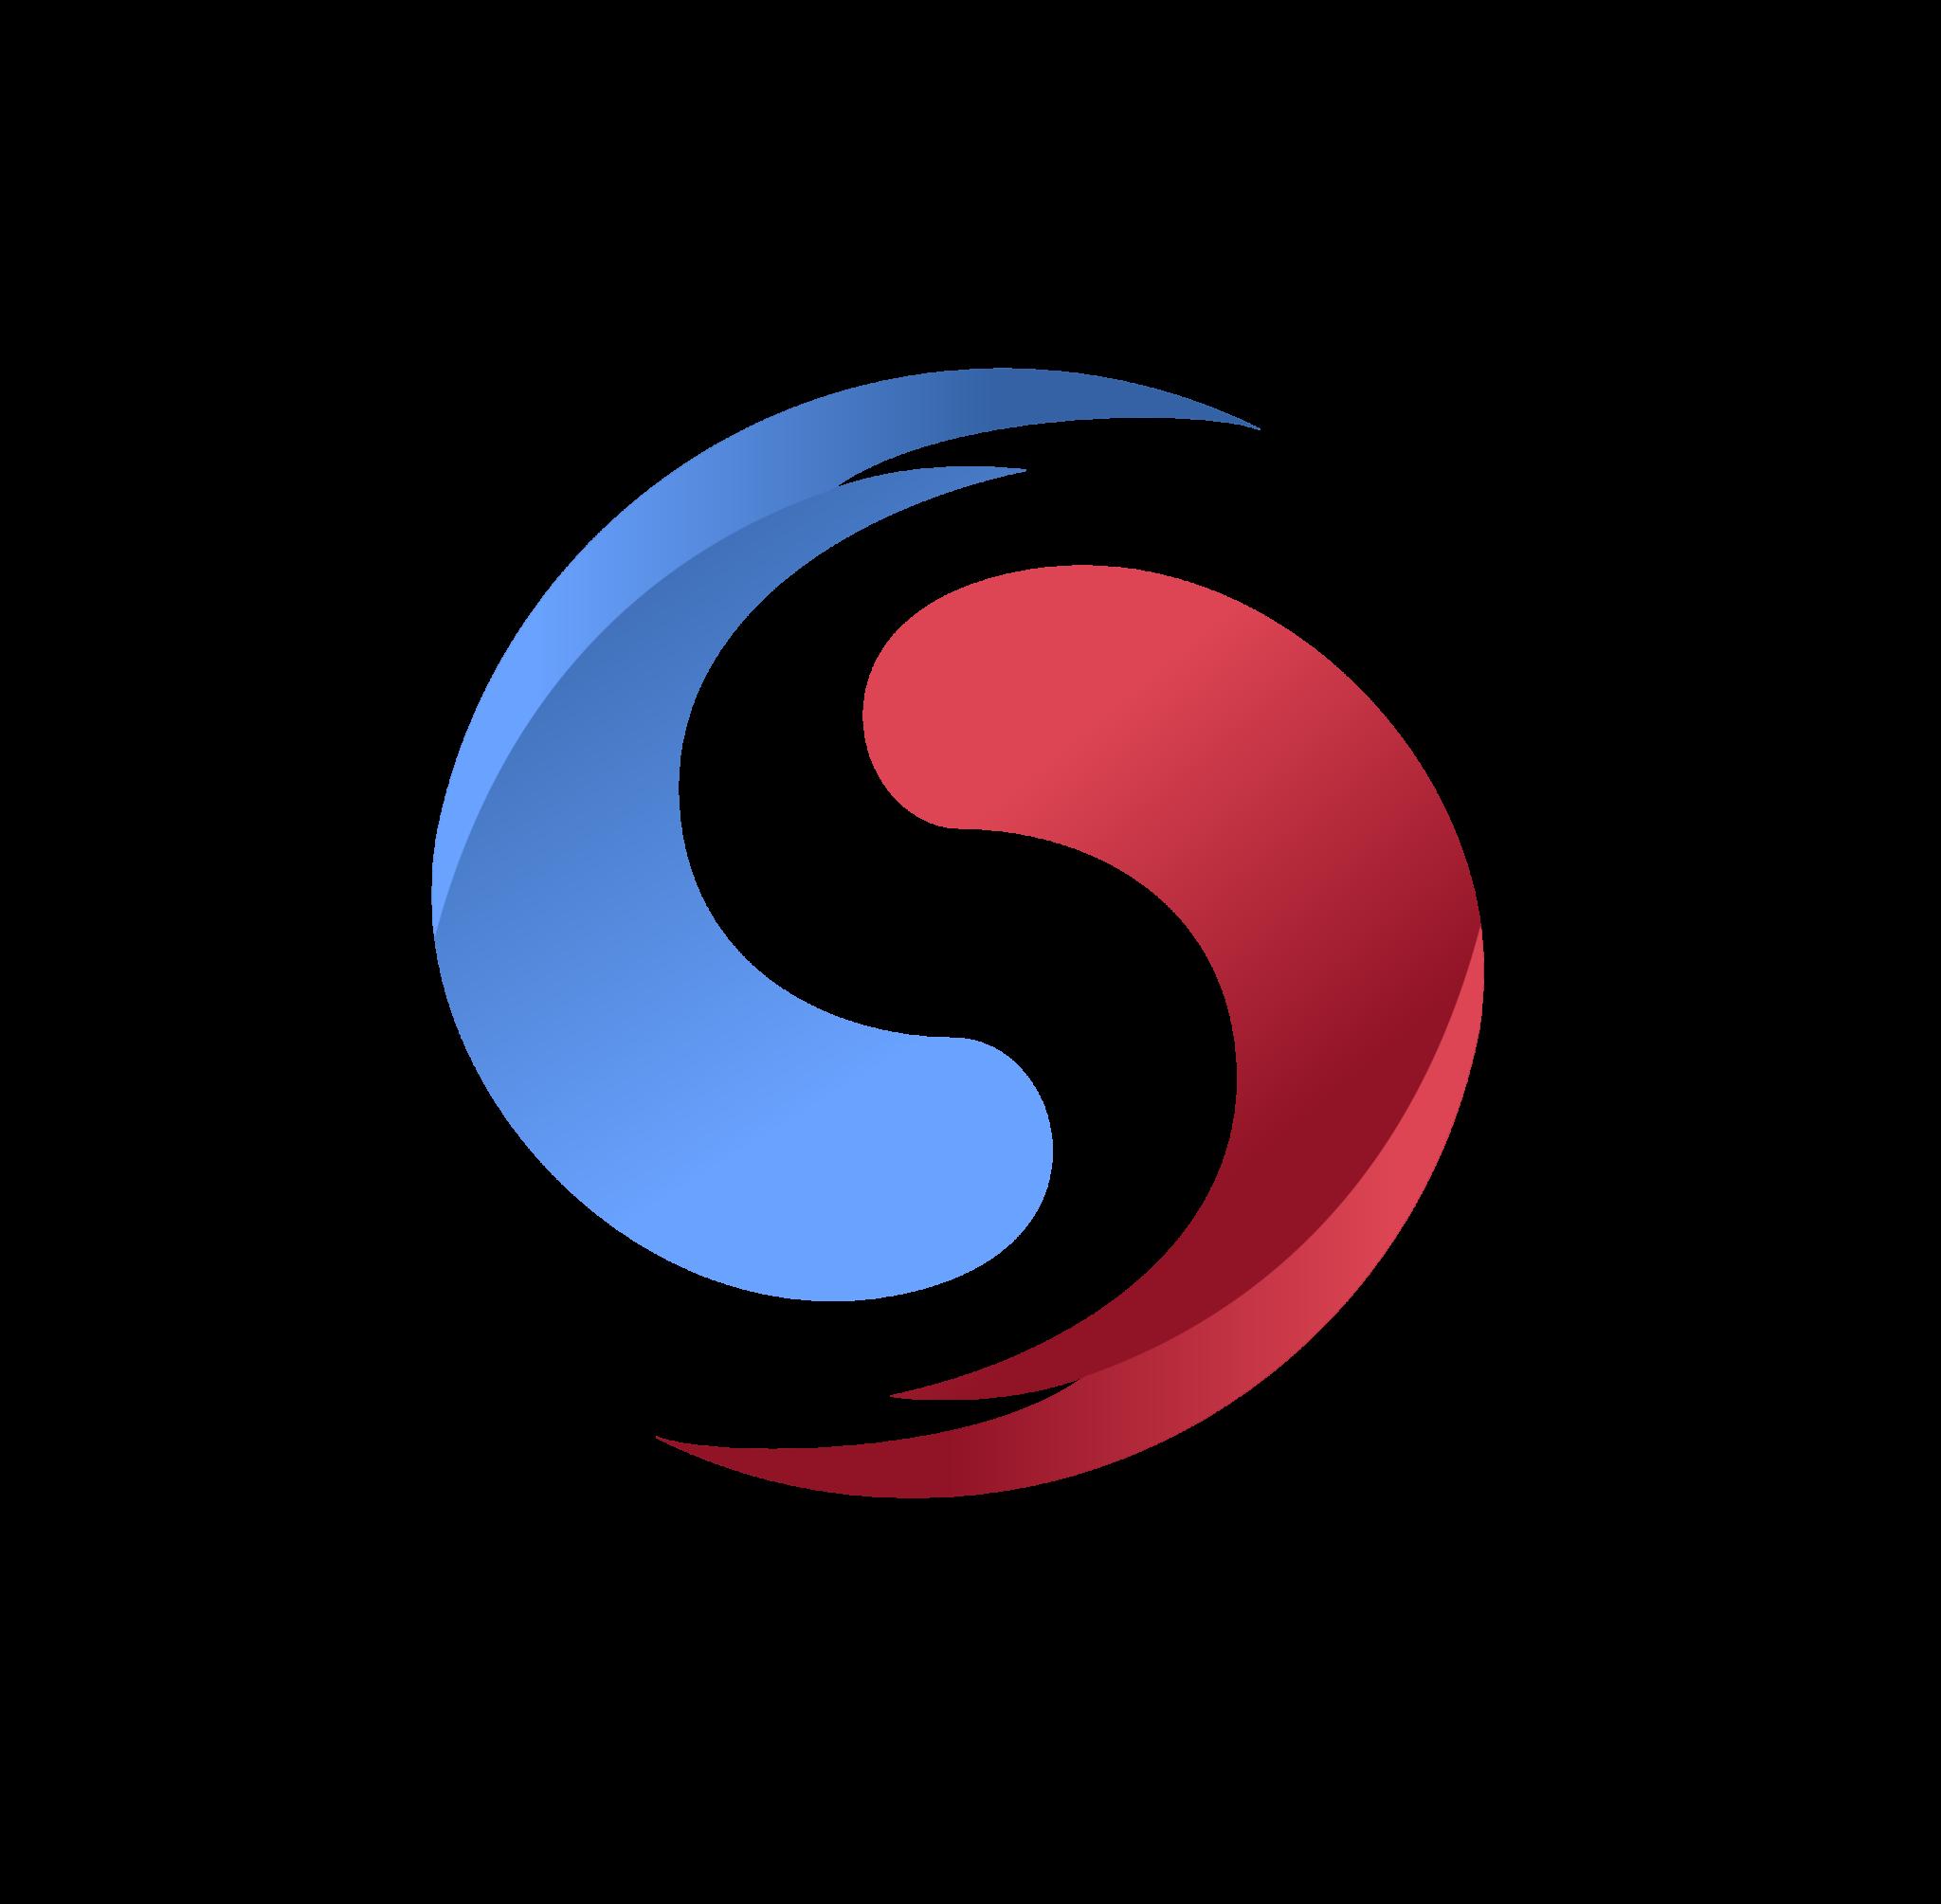 Stormwin